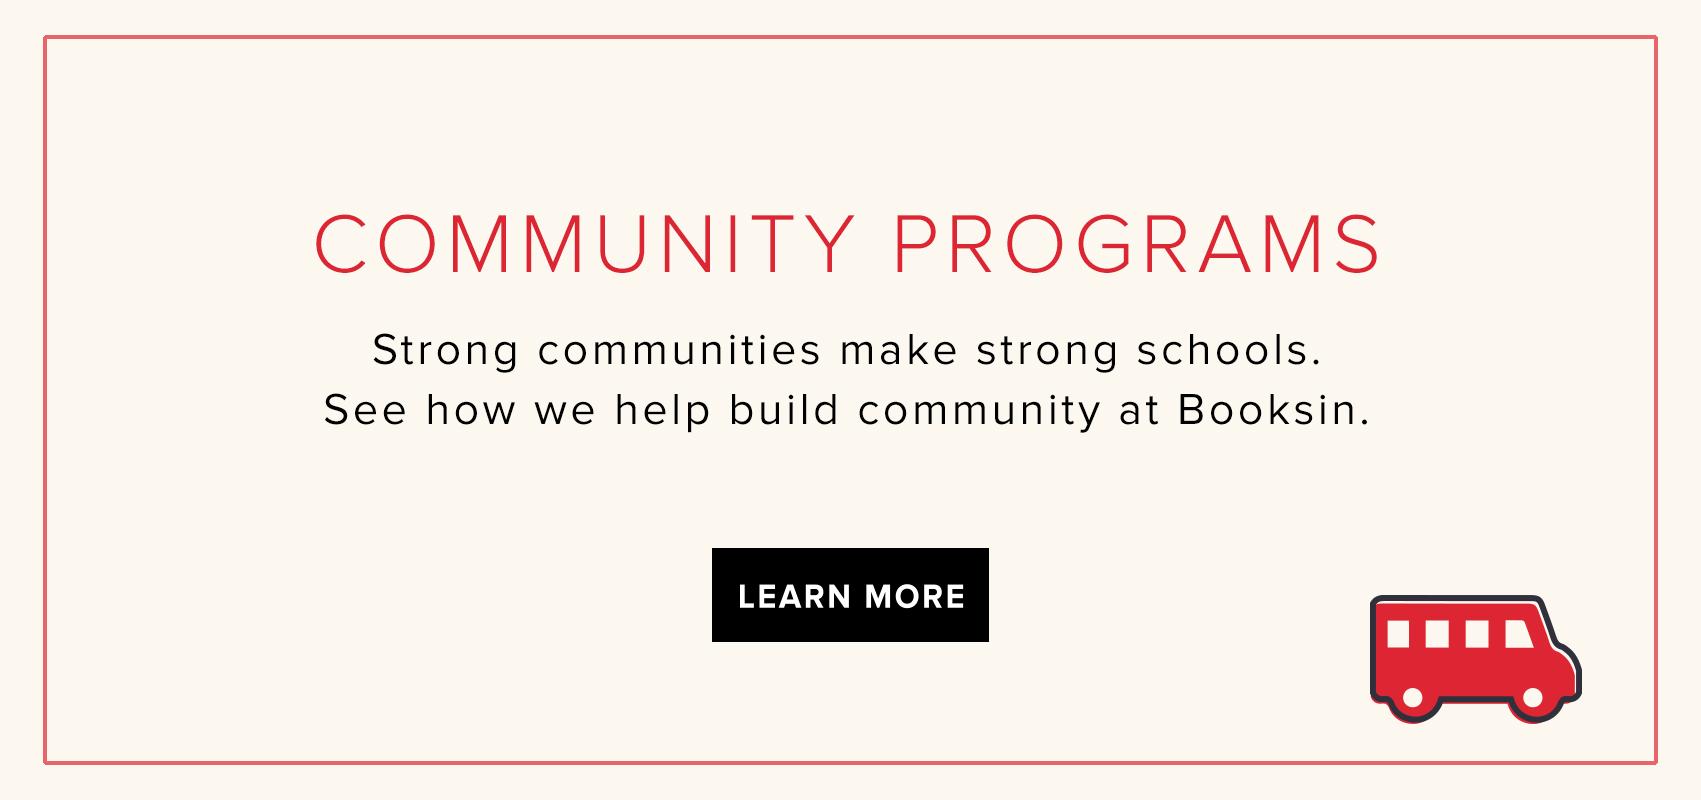 hero_communityPrograms.jpg